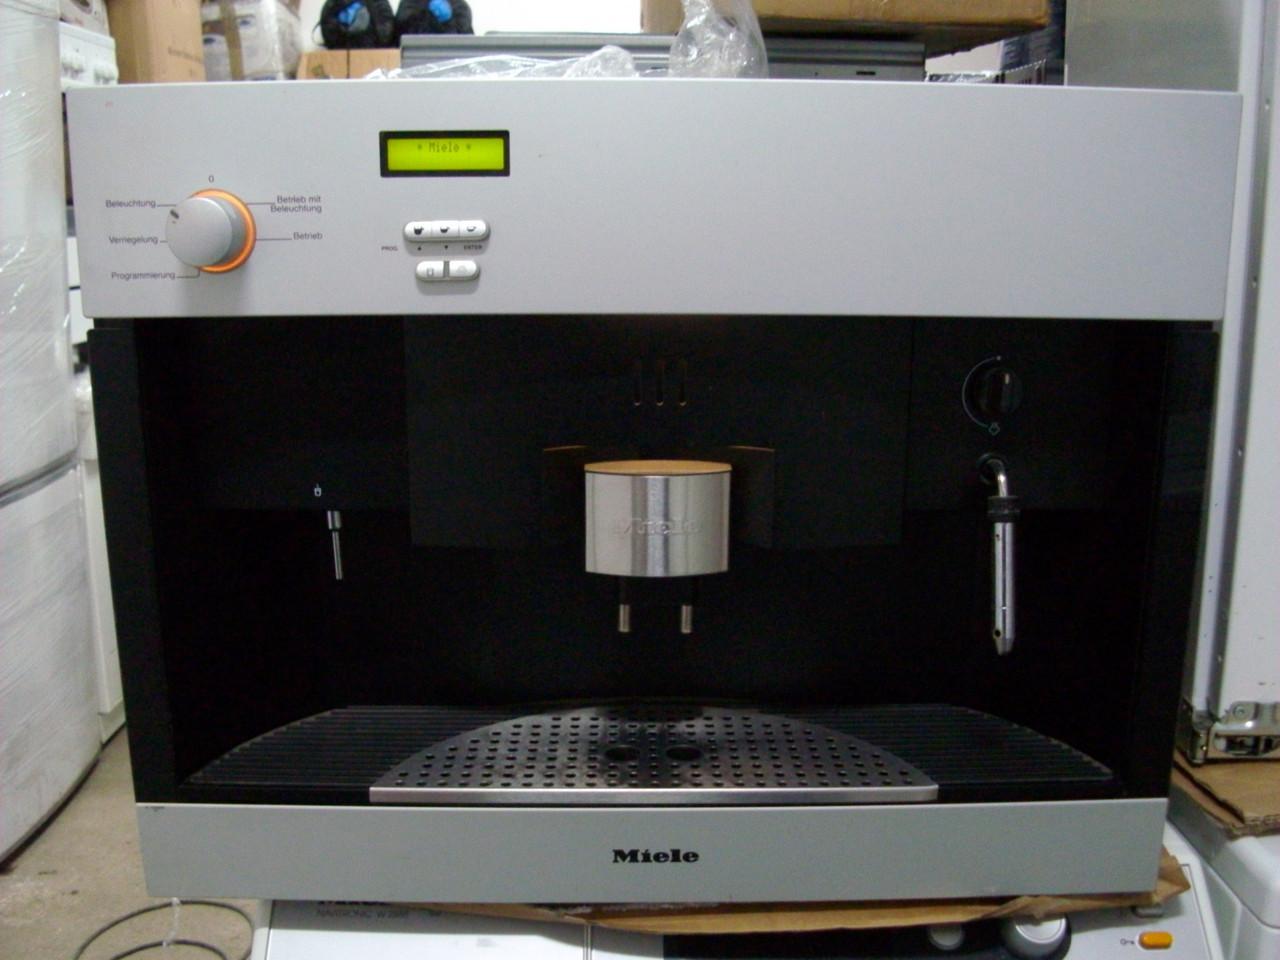 Кофеварка встраиваемая Miele, фото 1